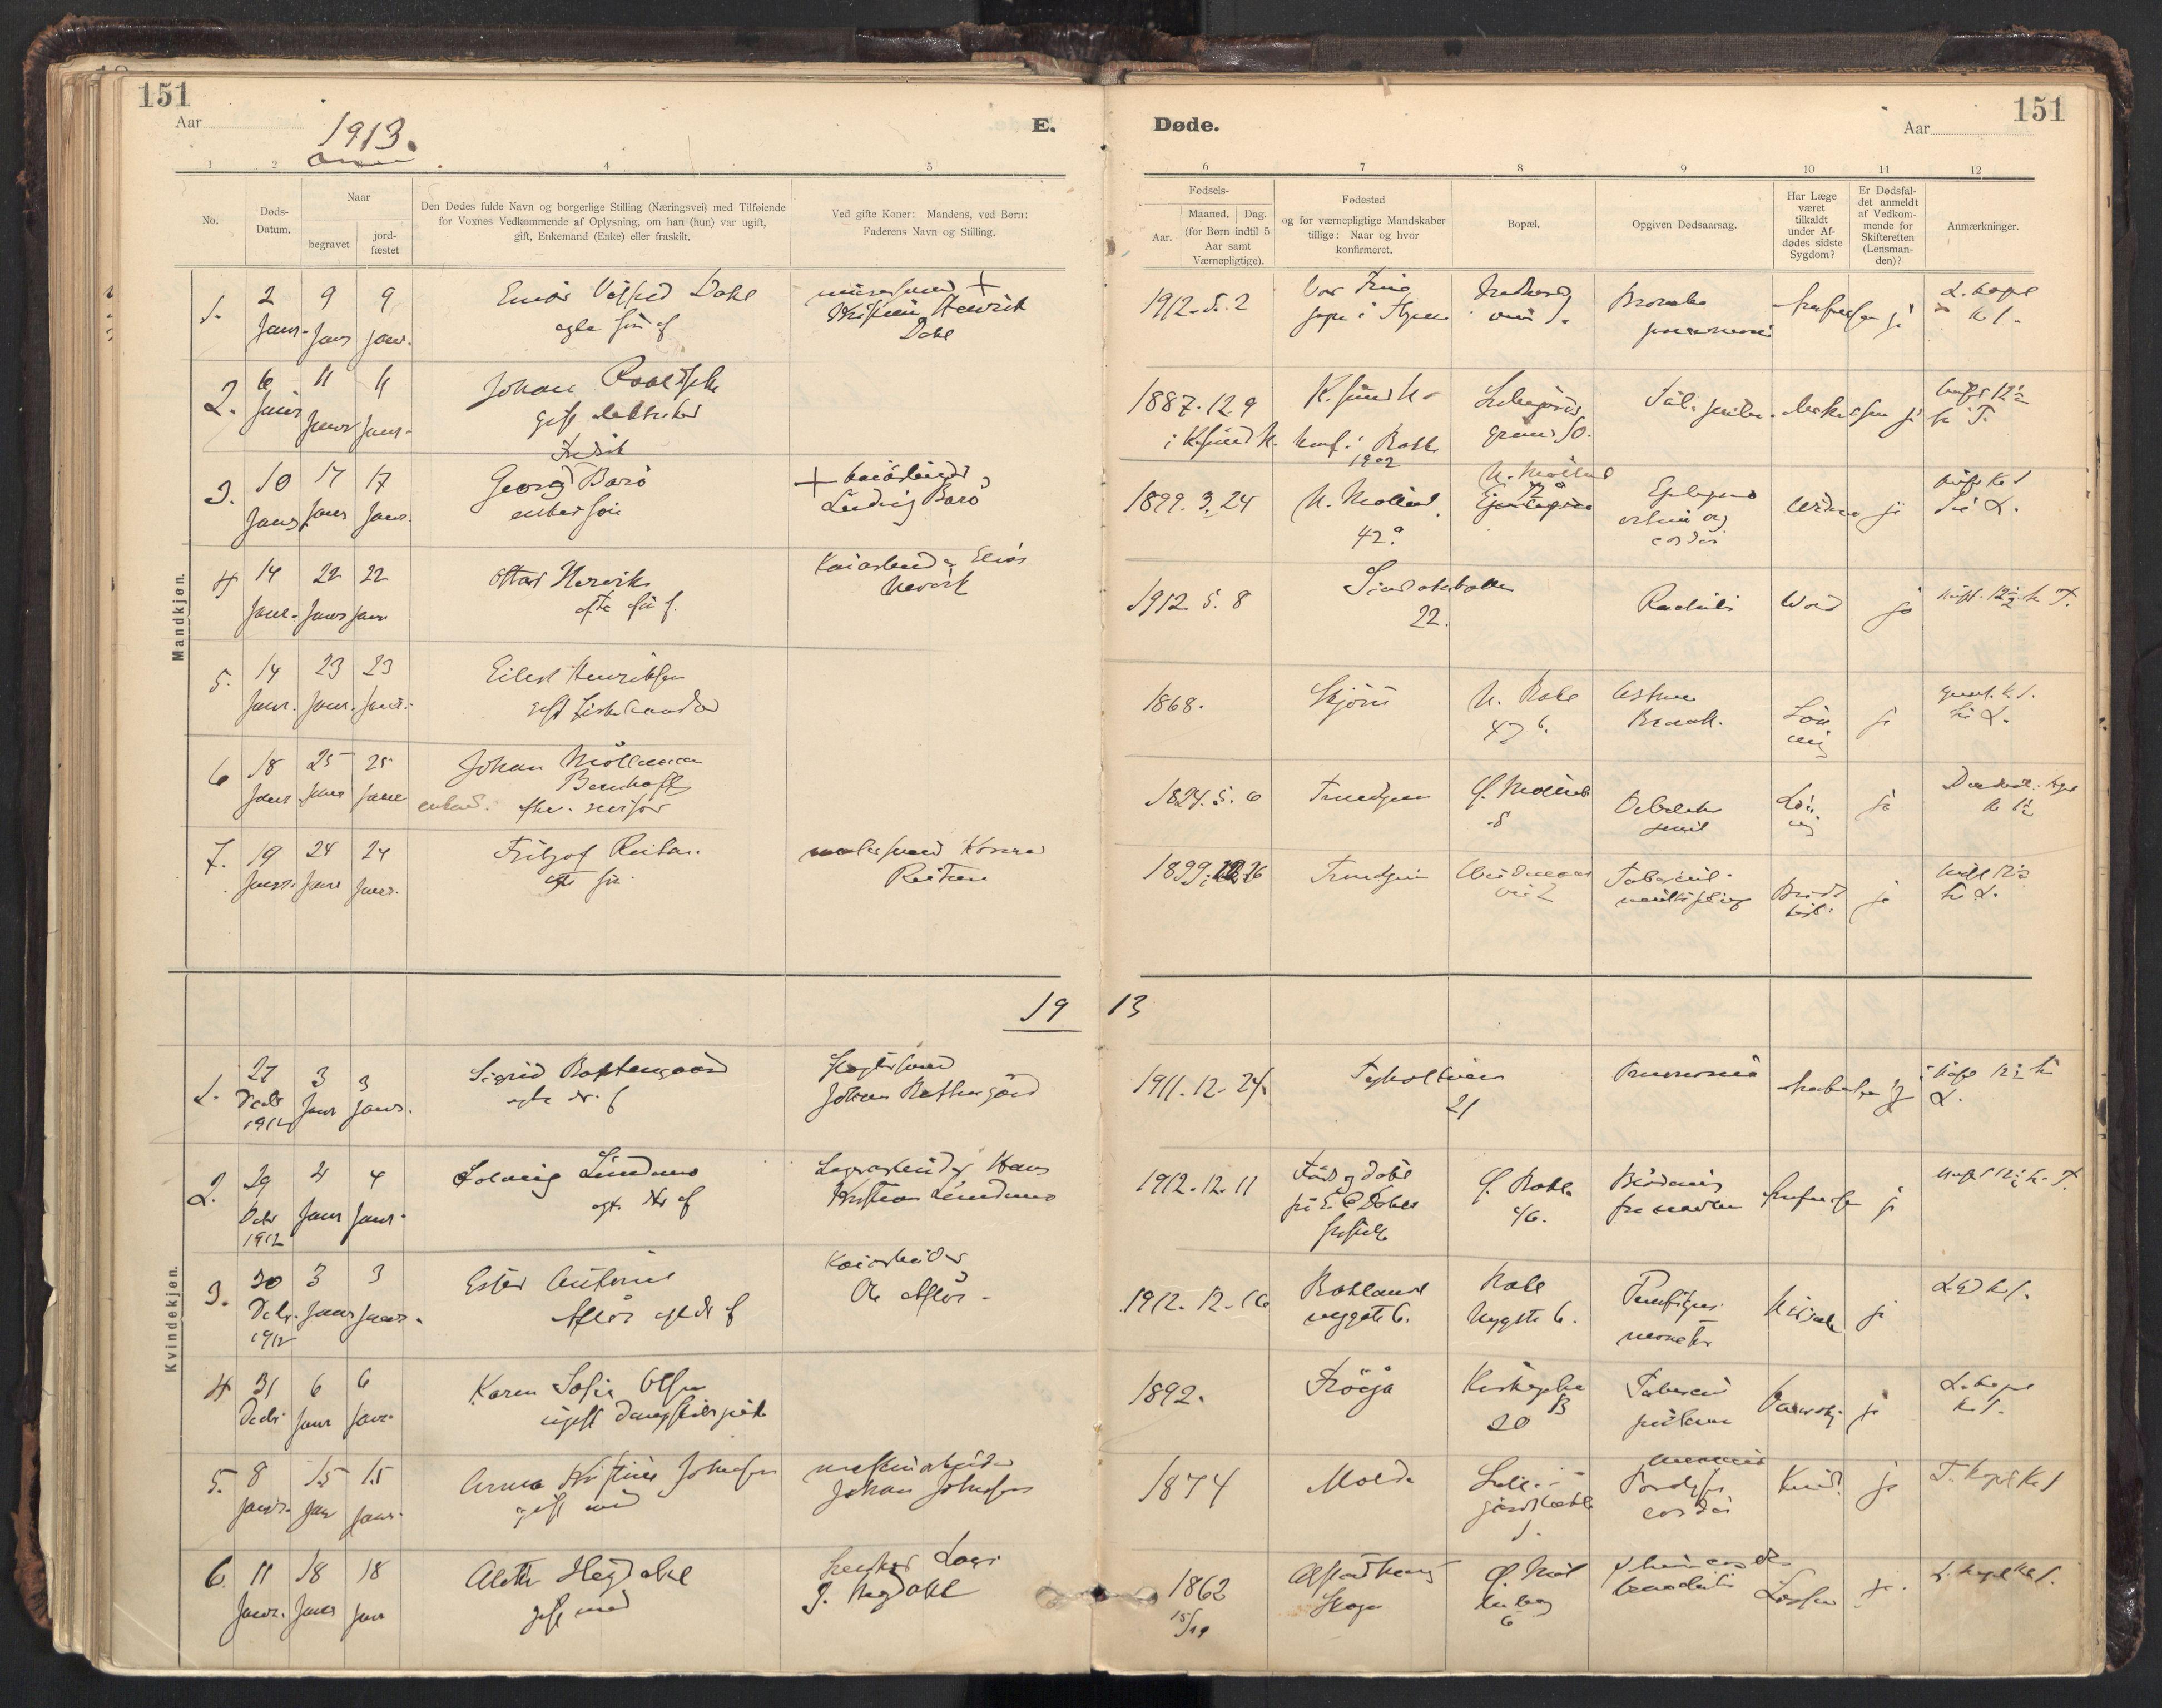 SAT, Ministerialprotokoller, klokkerbøker og fødselsregistre - Sør-Trøndelag, 604/L0204: Ministerialbok nr. 604A24, 1911-1920, s. 151